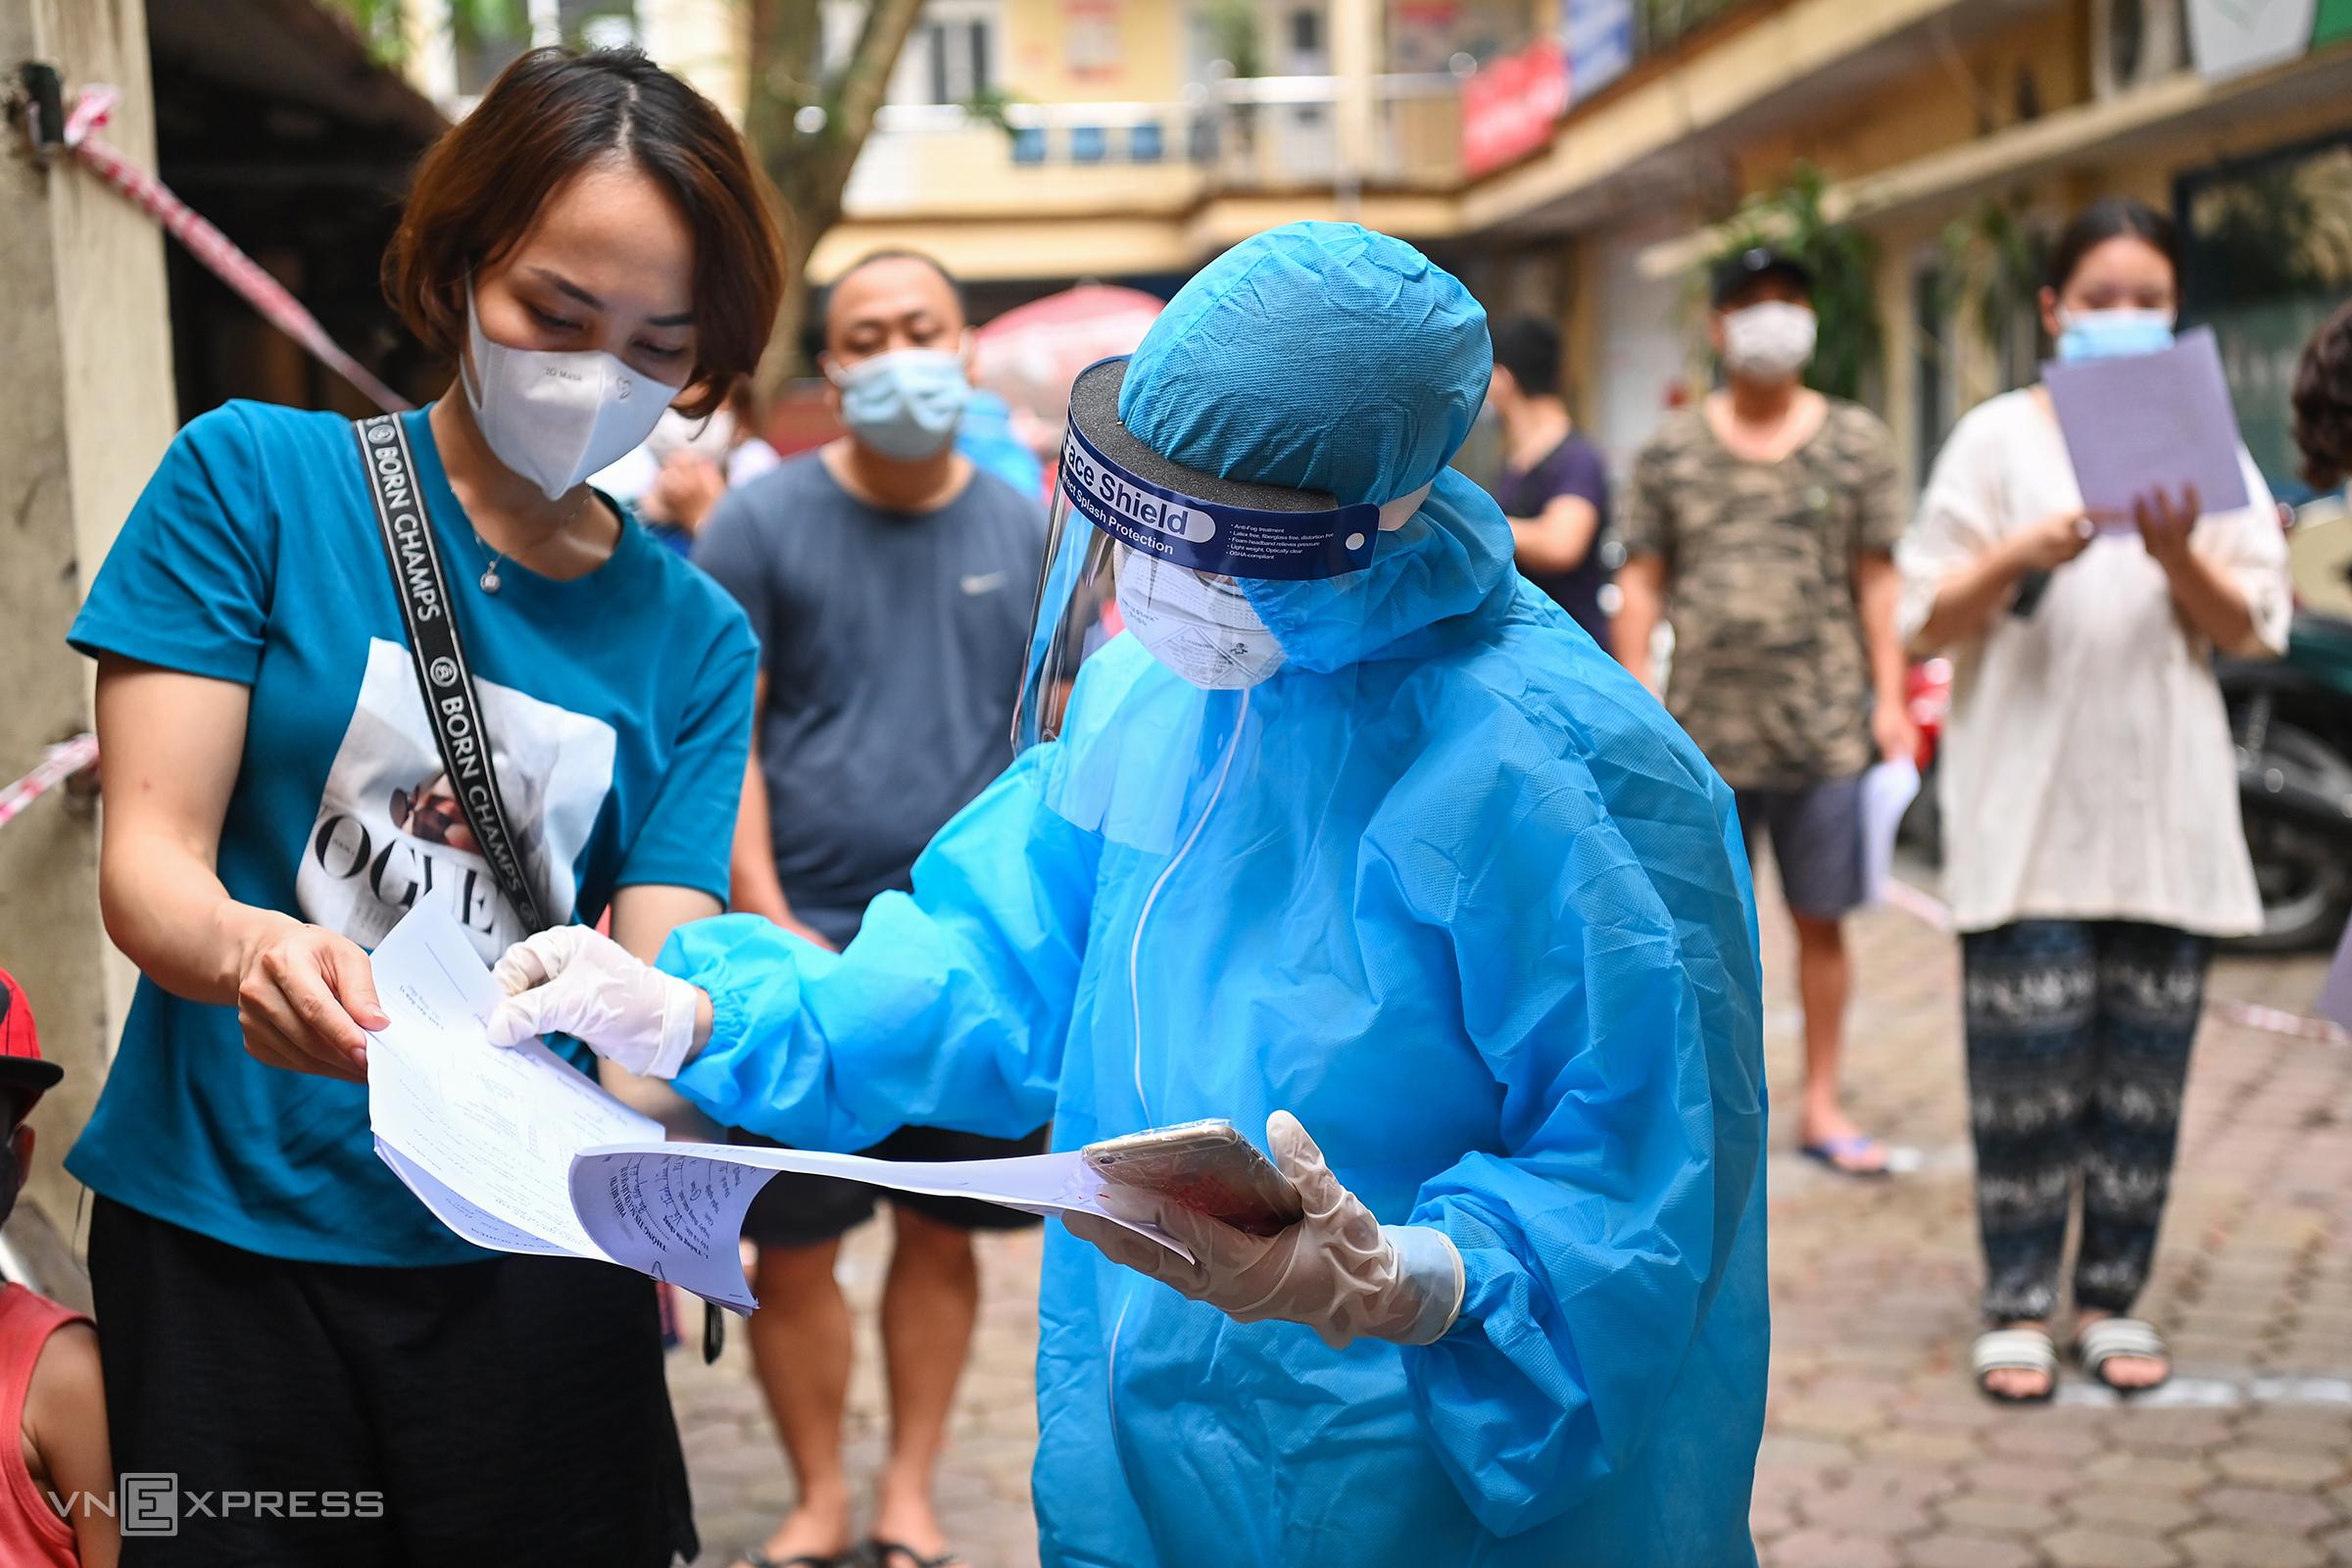 Trung tâm Y tế quận Hoàn Kiếm, Hà Nội lấy mẫu xét nghiệm cho 400 người đi du lịch Đà Nẵng, ngày 15/5. Ảnh: Giang Huy.